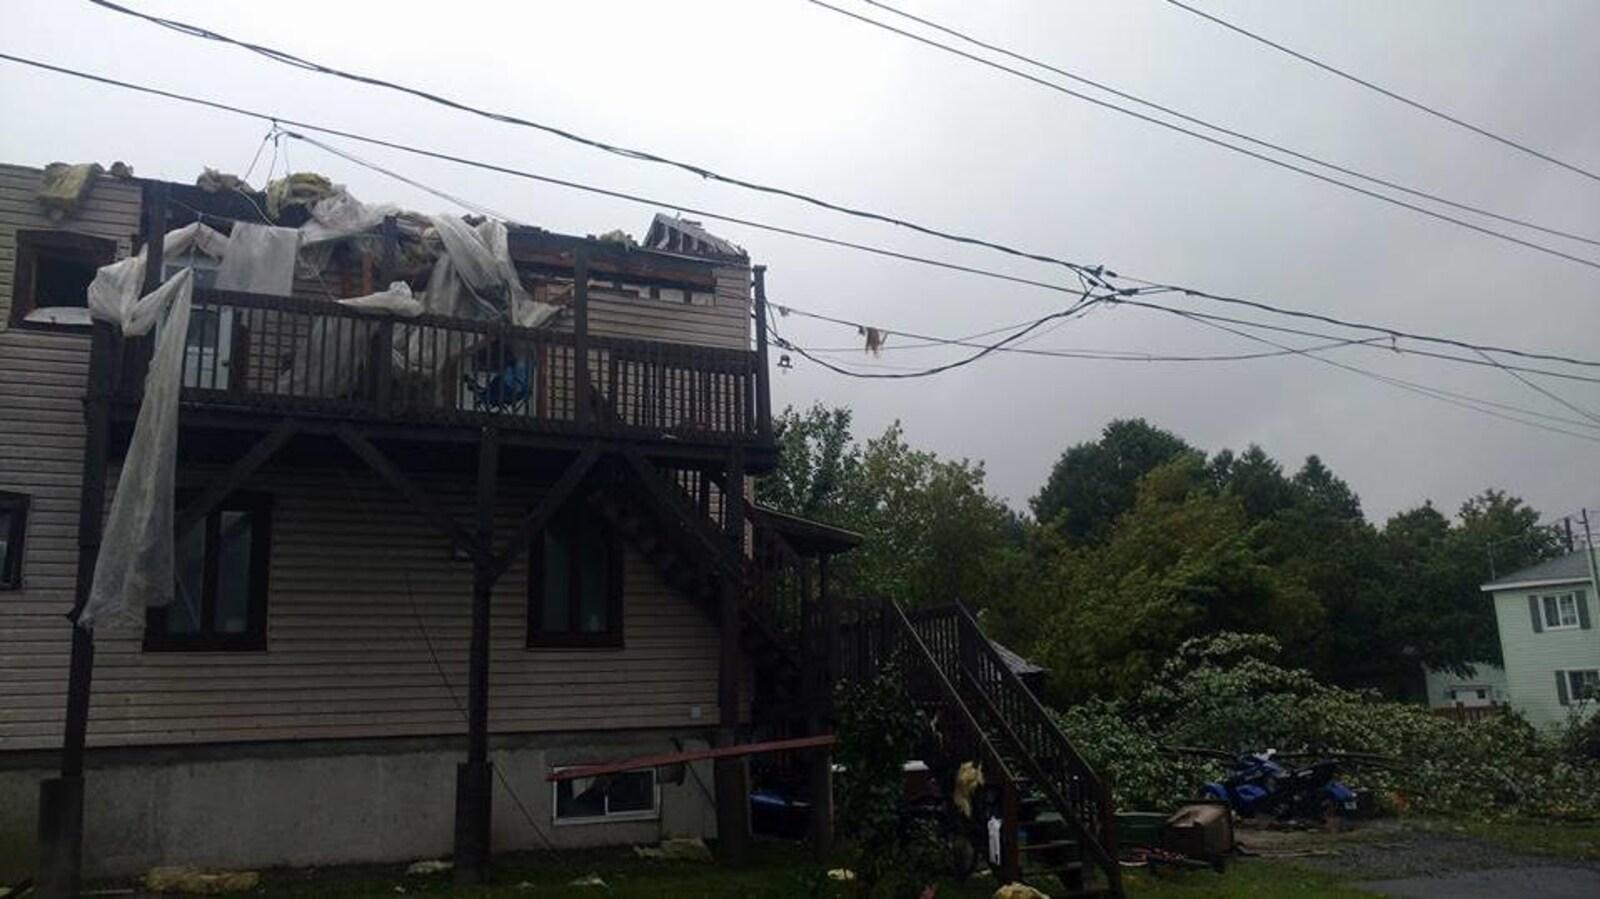 Une tornade qui a déferlé sur Lachute, dans les Laurentides, en début de soirée le 22 août 2017, a causé plusieurs dommages.